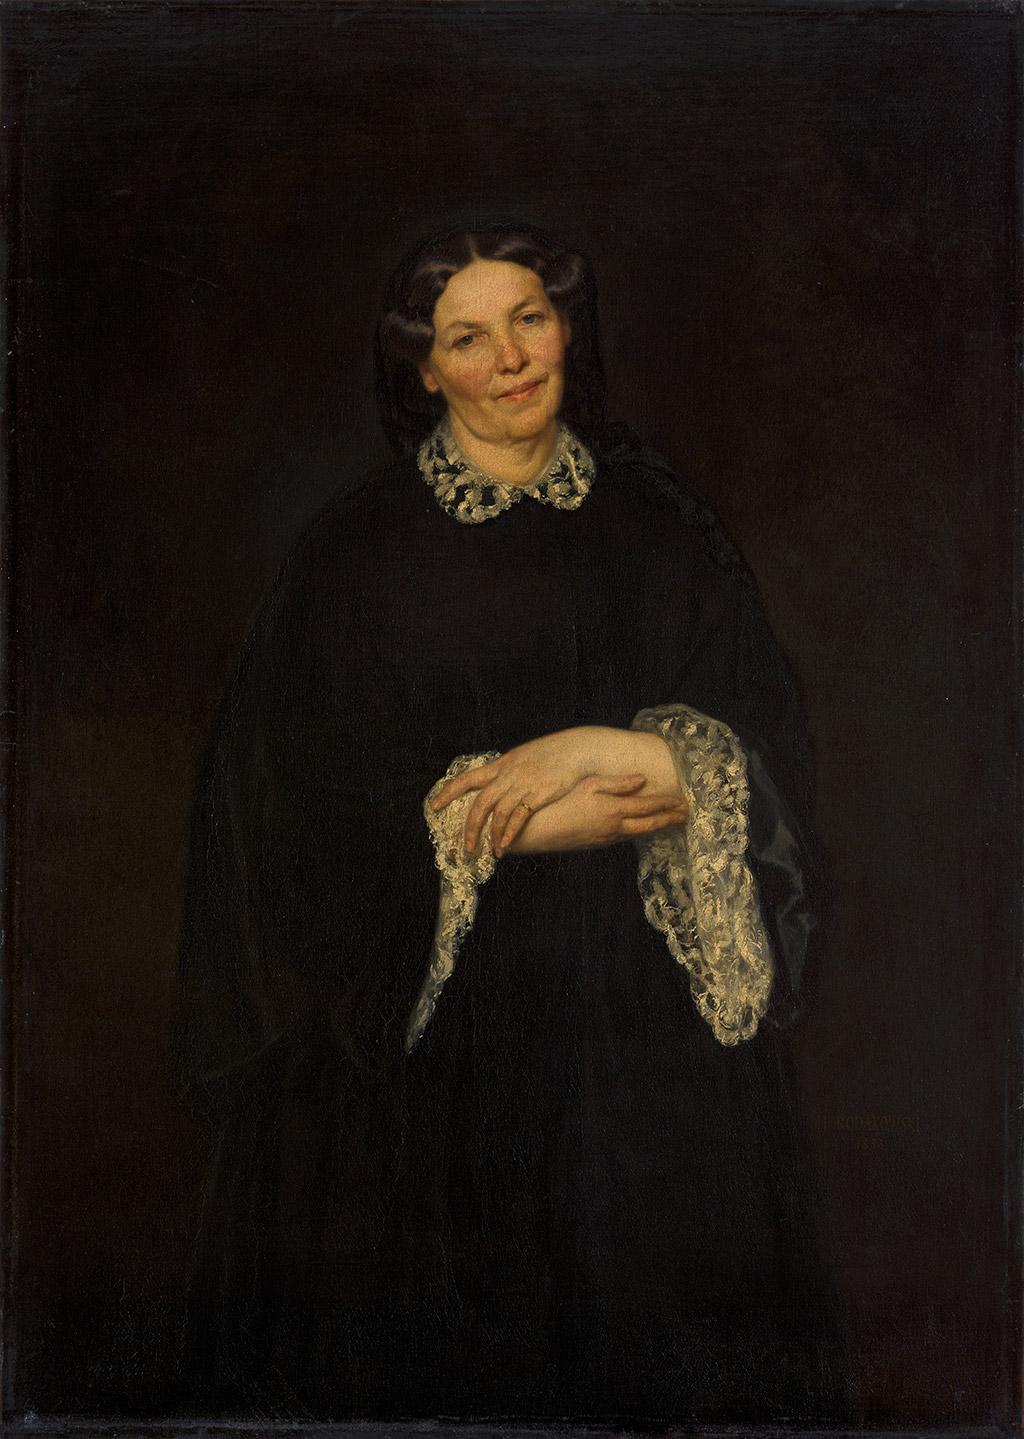 Rodakowski-Portret-matki